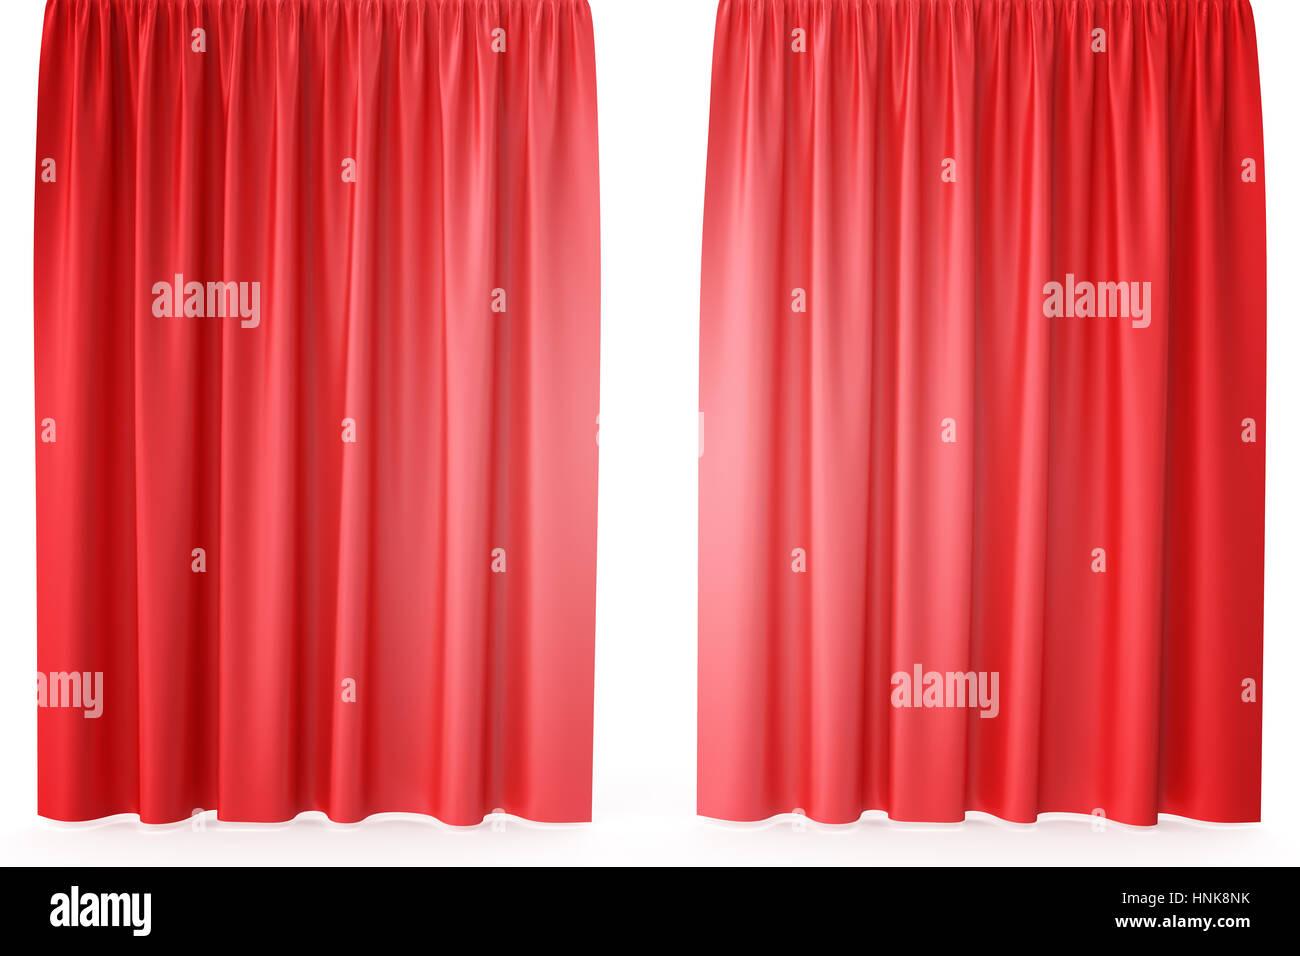 Tende In Velluto Di Seta lusso rosso scarlatto seta tende di velluto realistiche. il